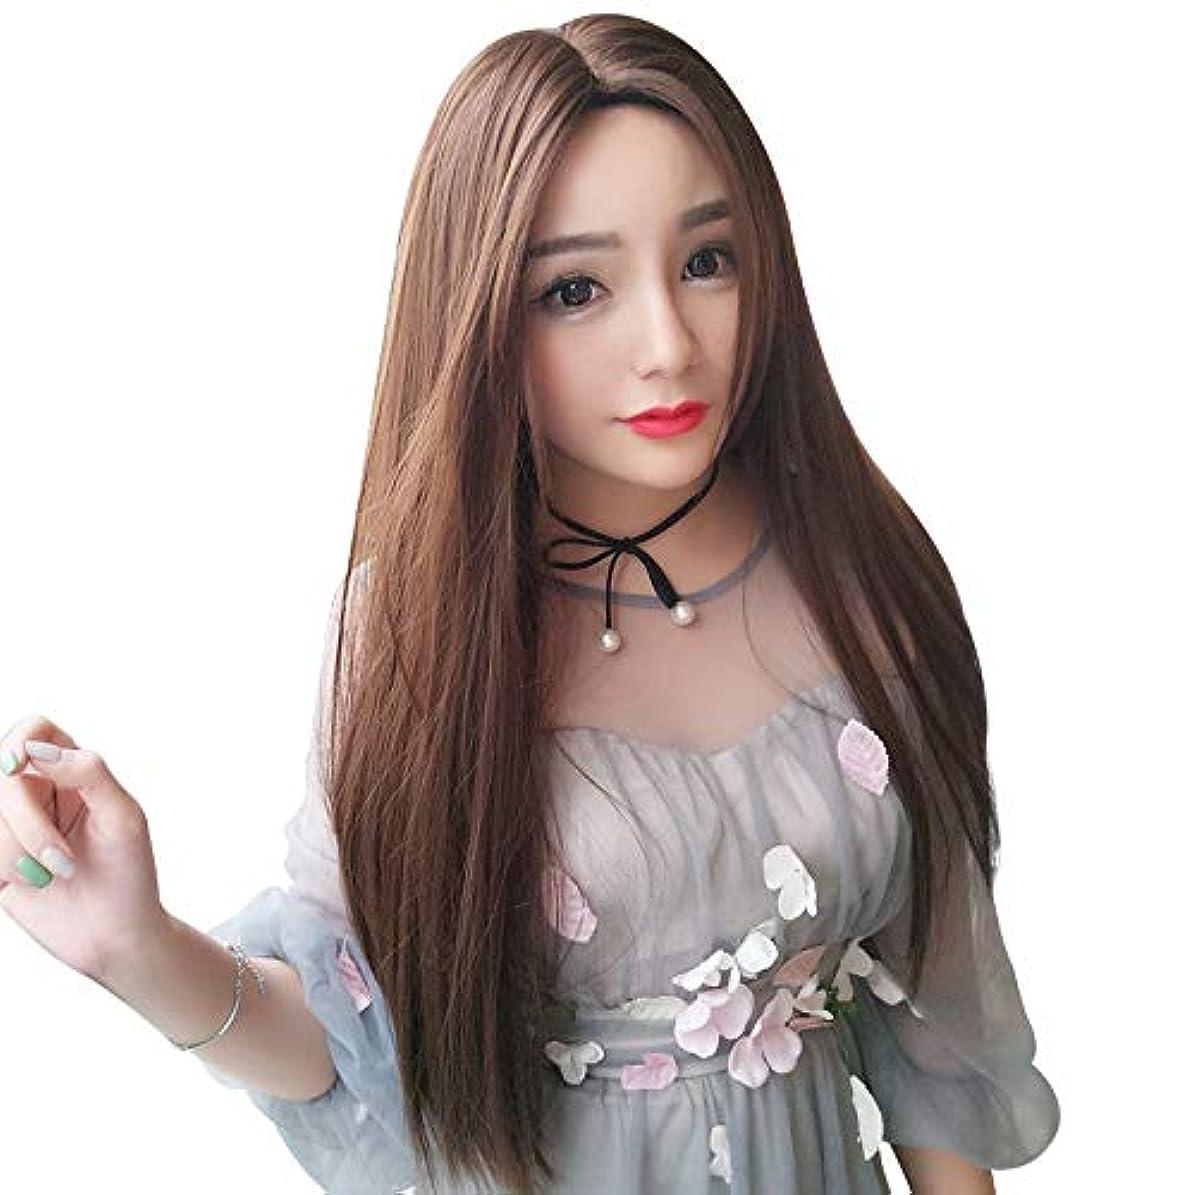 考古学的な抑圧任命SRY-Wigファッション 前髪耐熱髪の女性アフロロングストレートかつらのファッションチョコレート合成レースフロントかつら